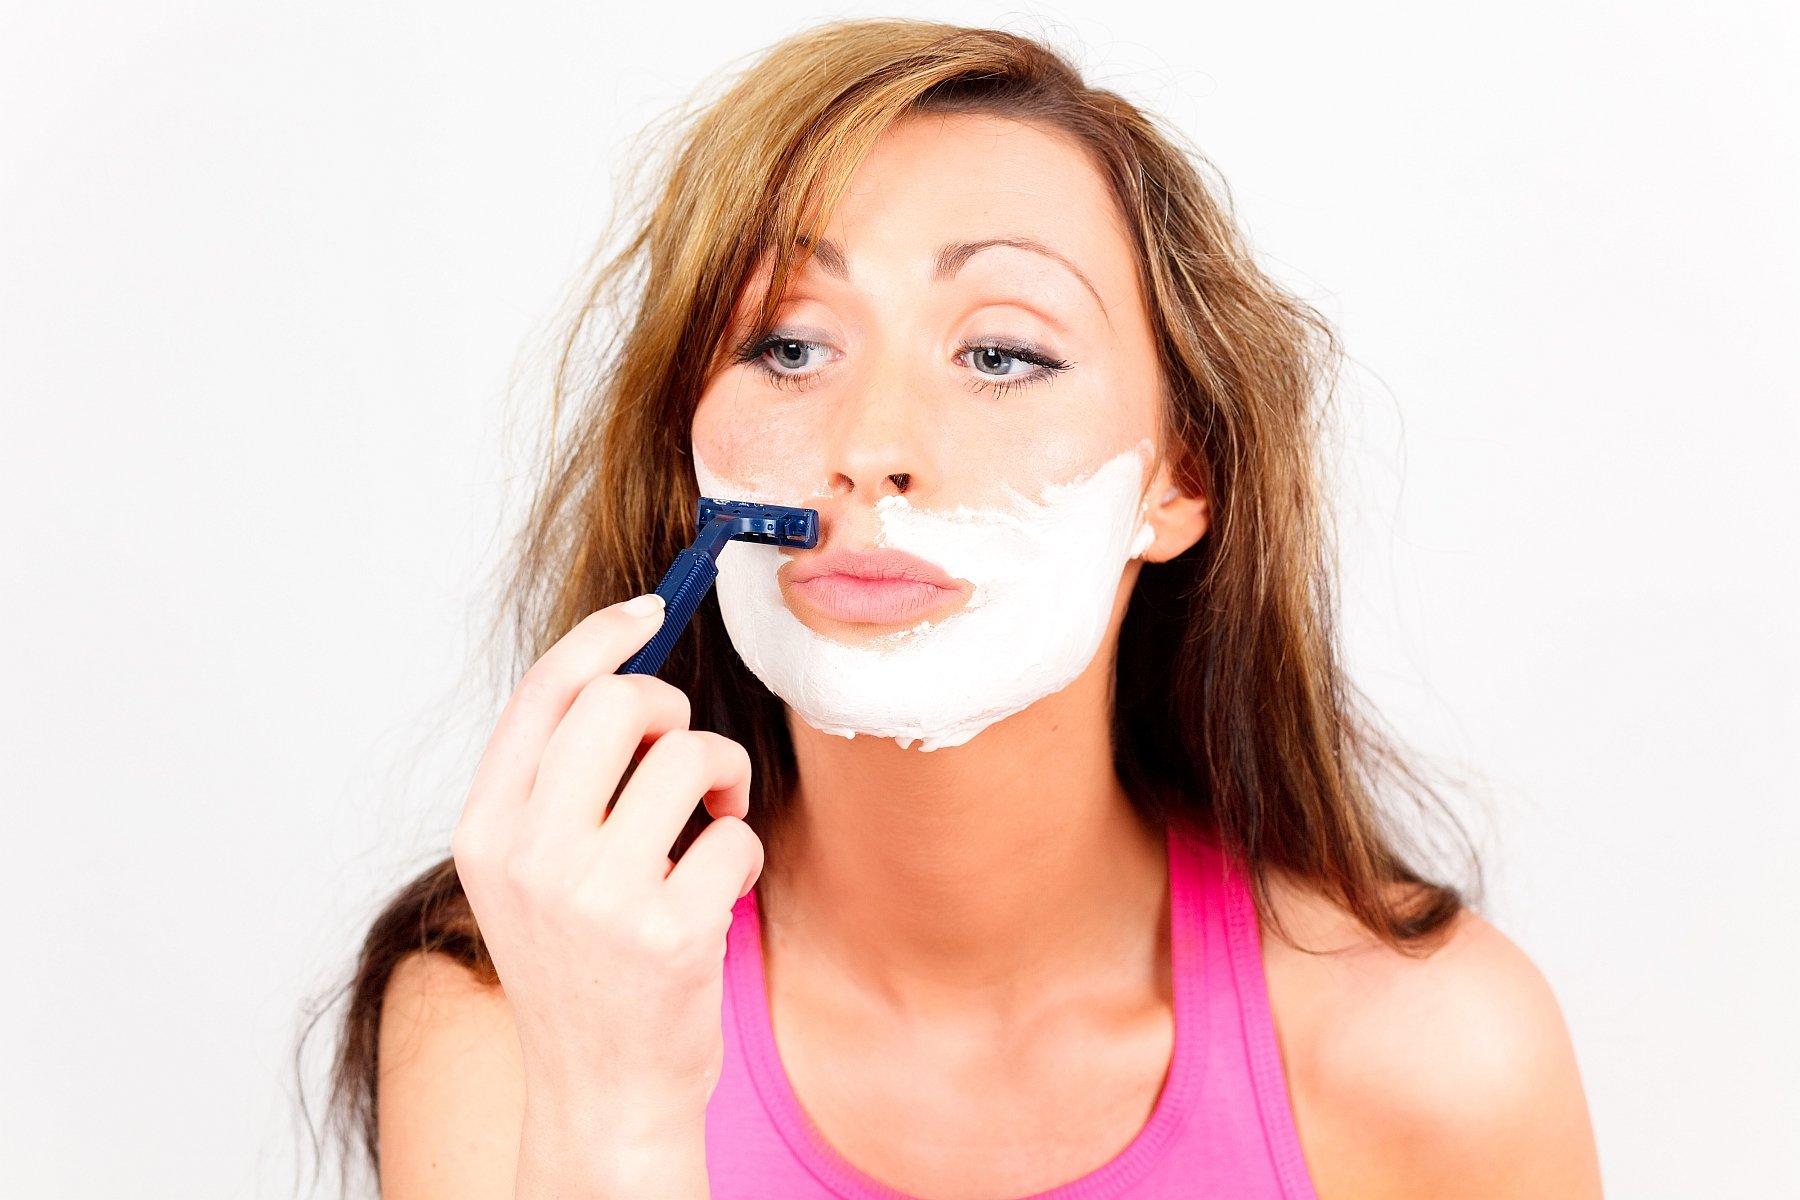 Haare Im Gesicht Entfernen Diese Methoden Funktionieren Am Besten